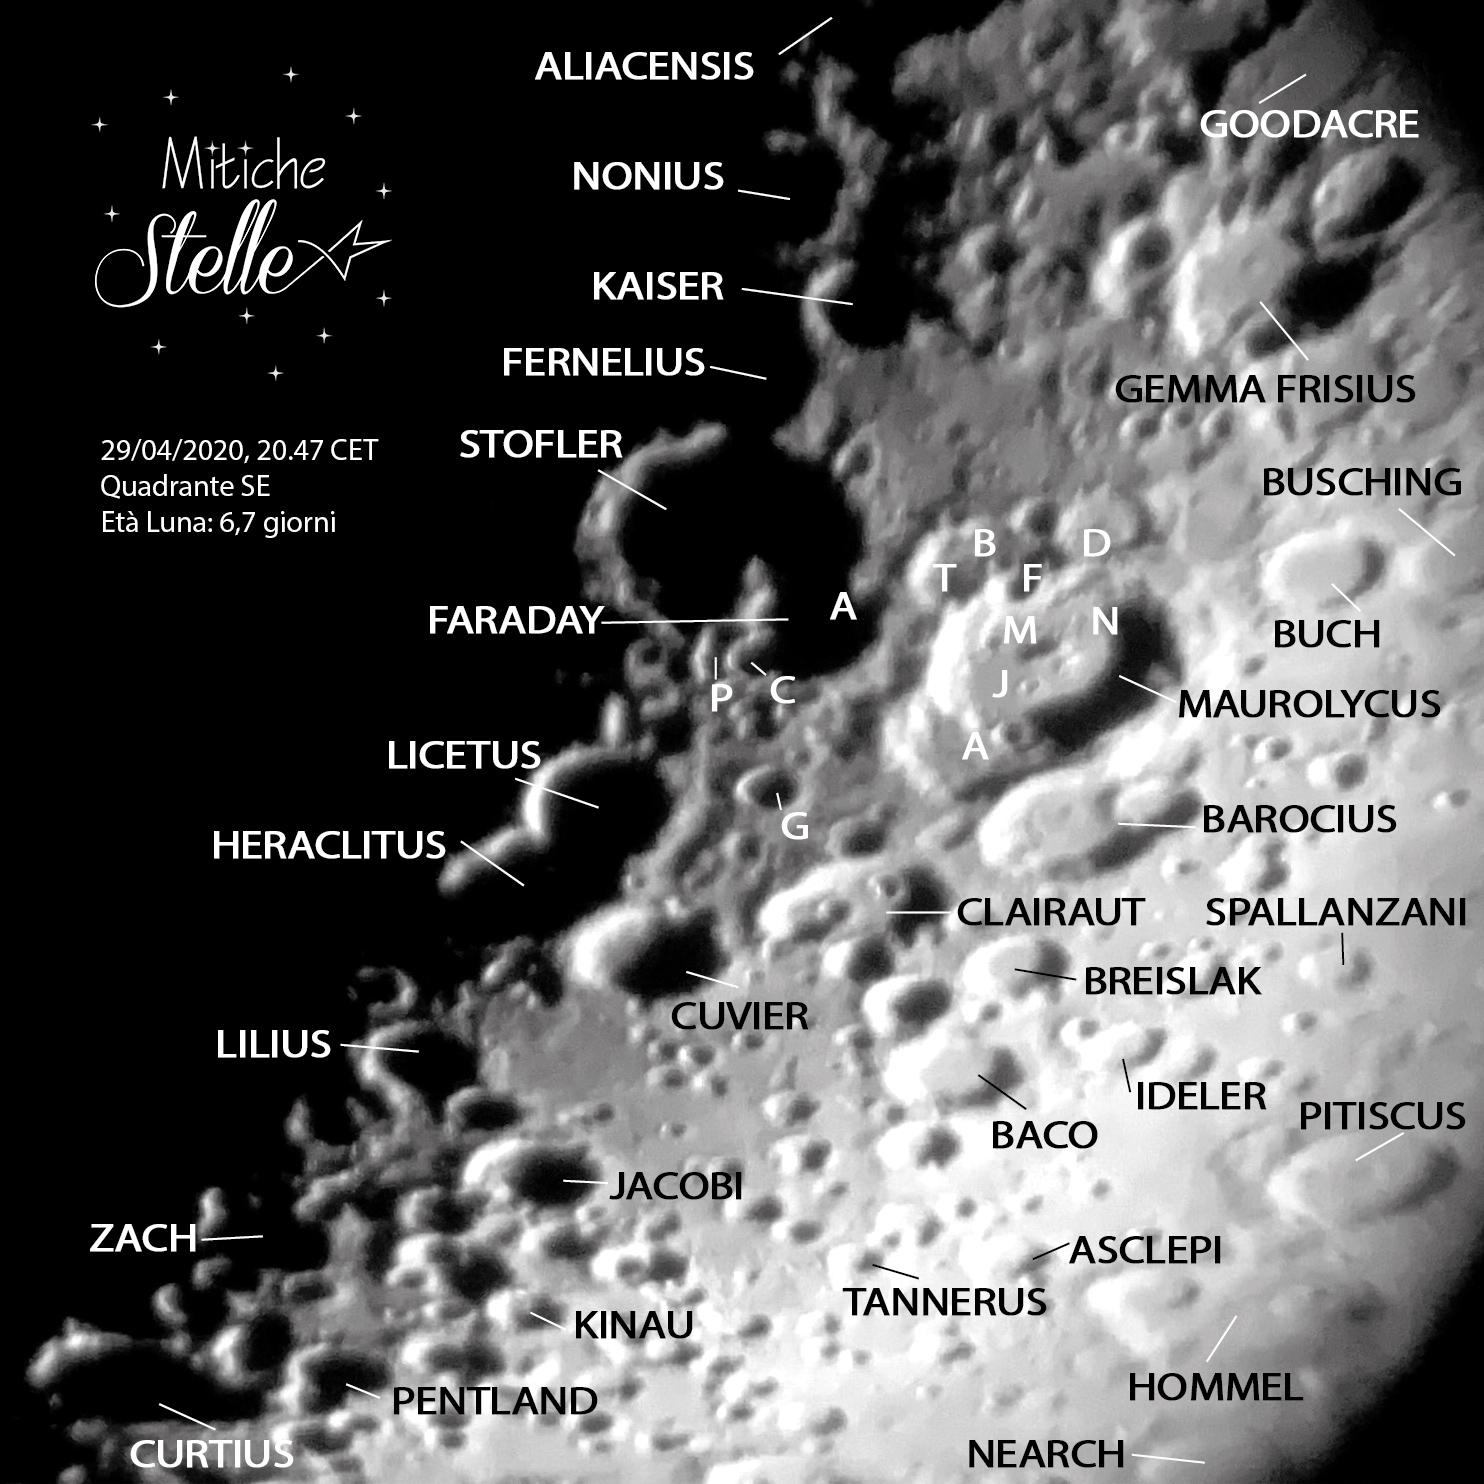 Le coppie di crateri Maurolycus-Barocius e Stofler-Faraday fotografaci con telescopio e cellulare il 29 Aprile 2020